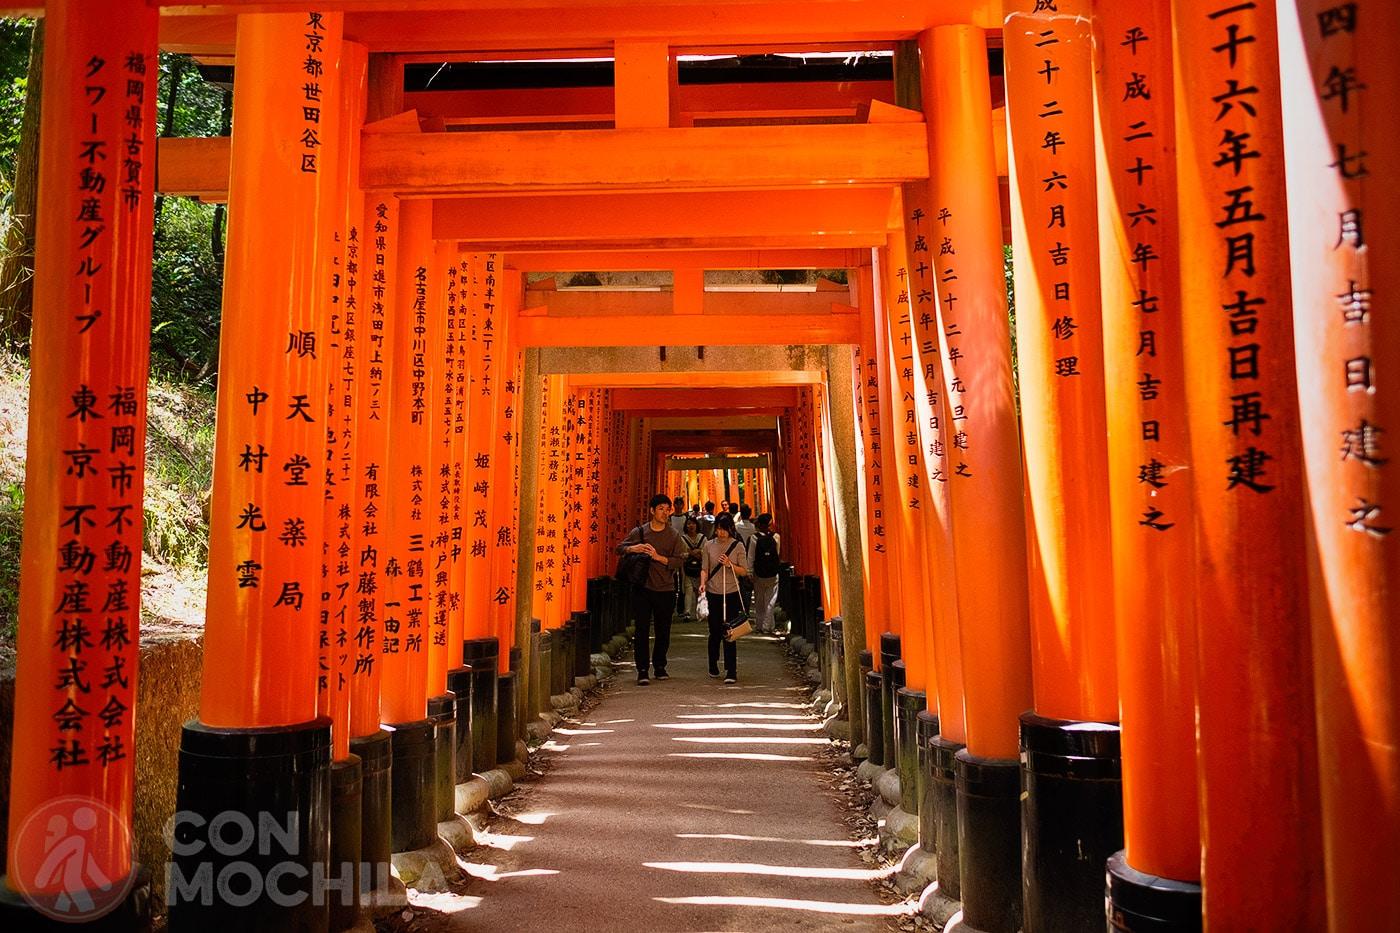 Toriis... uno de los puntos fuertes que ver en Japón